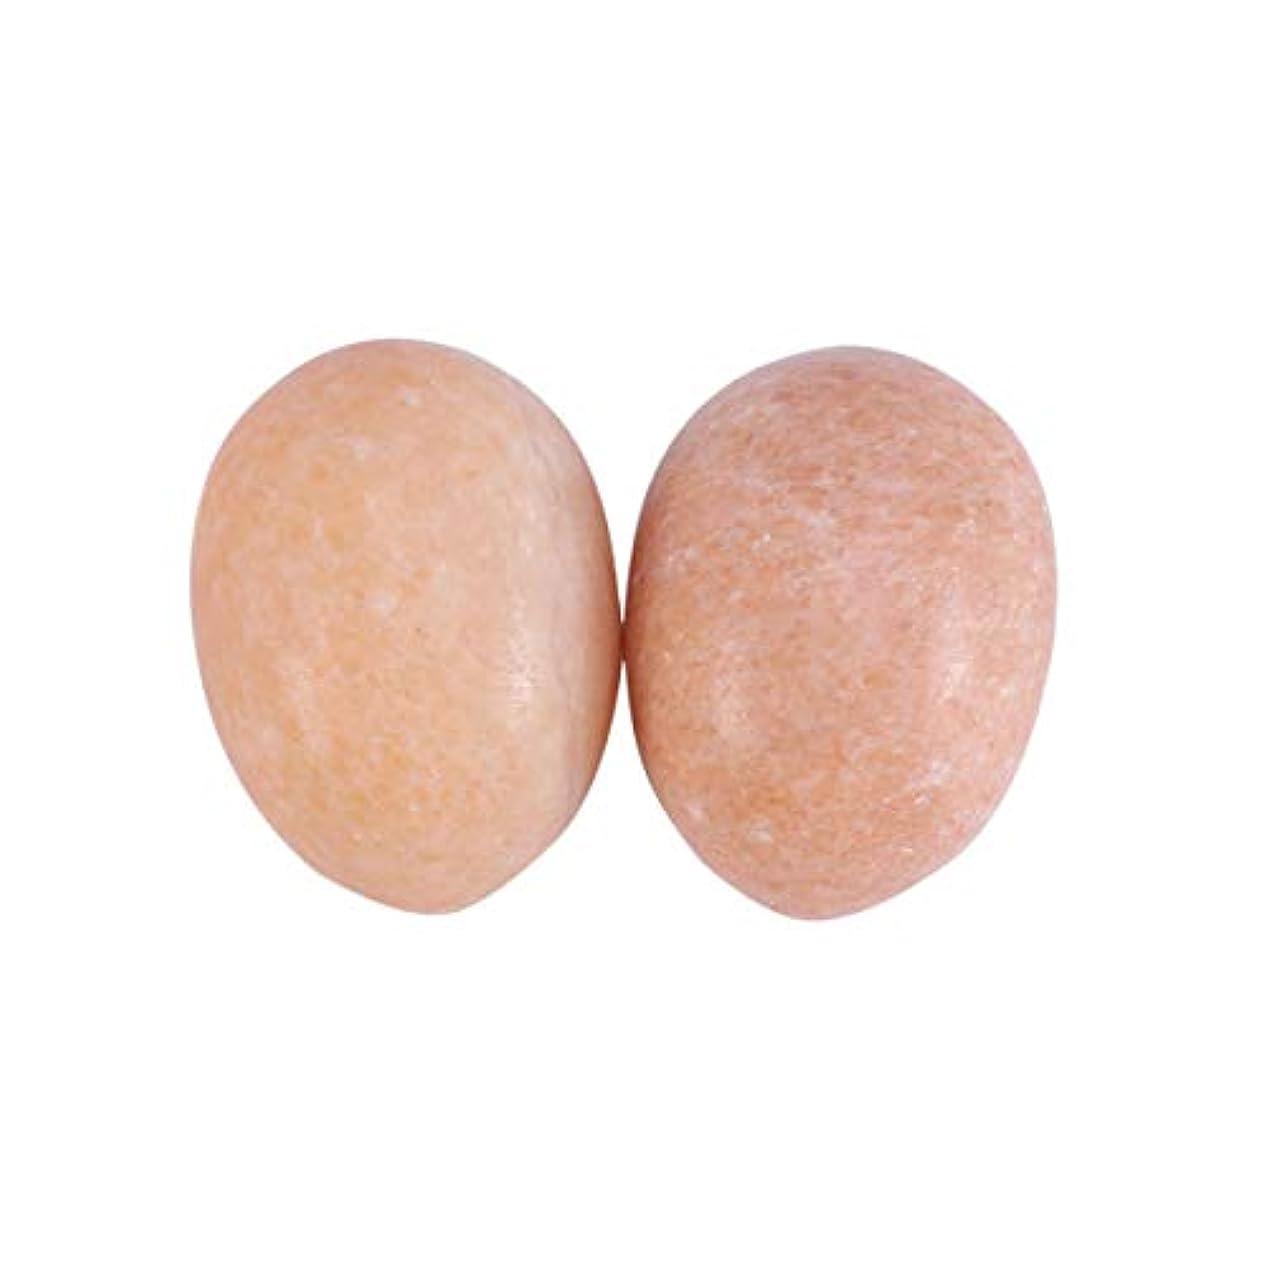 誰の数値衛星Healifty 妊娠中の女性のためのマッサージボール6個玉ヨニ卵骨盤底筋マッサージ運動膣締め付けボールヘルスケア(サンセットレッド)